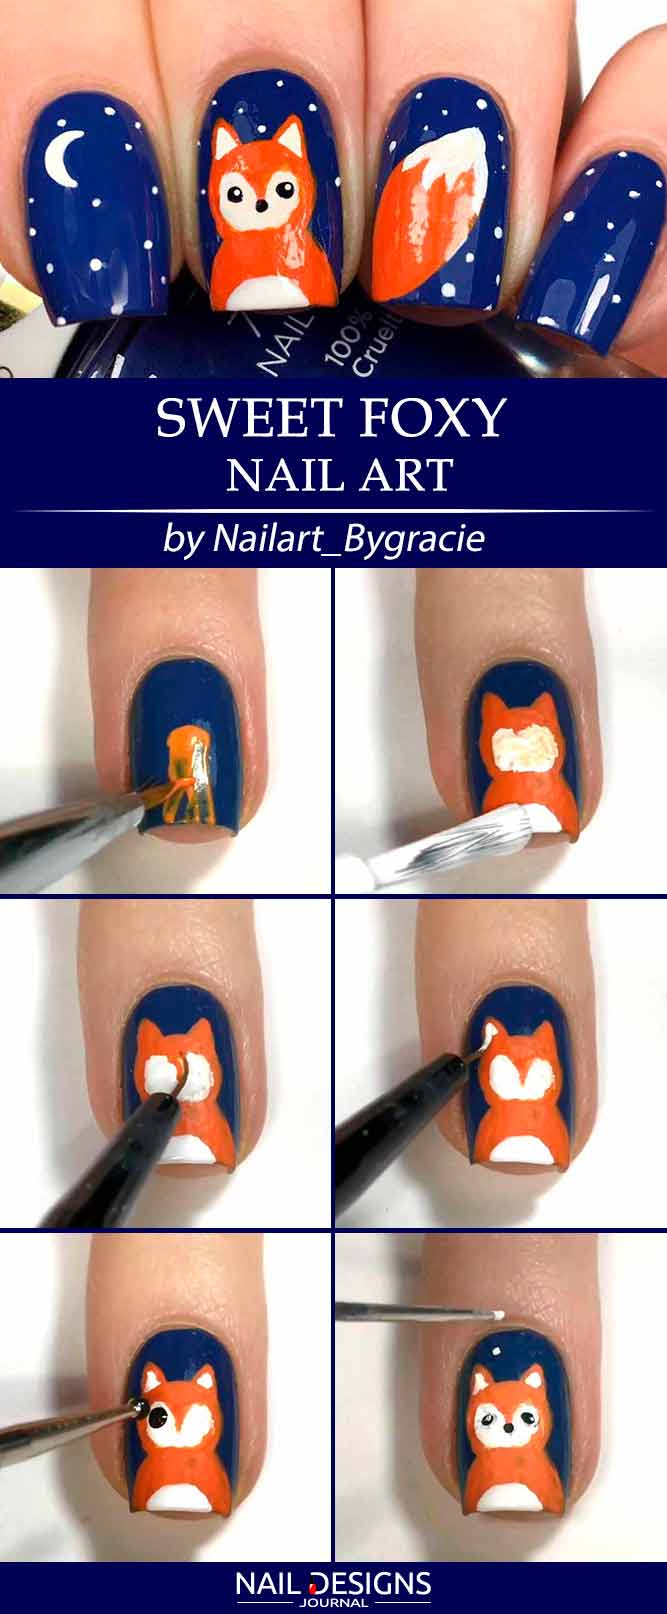 Sweet Foxy Nail Art